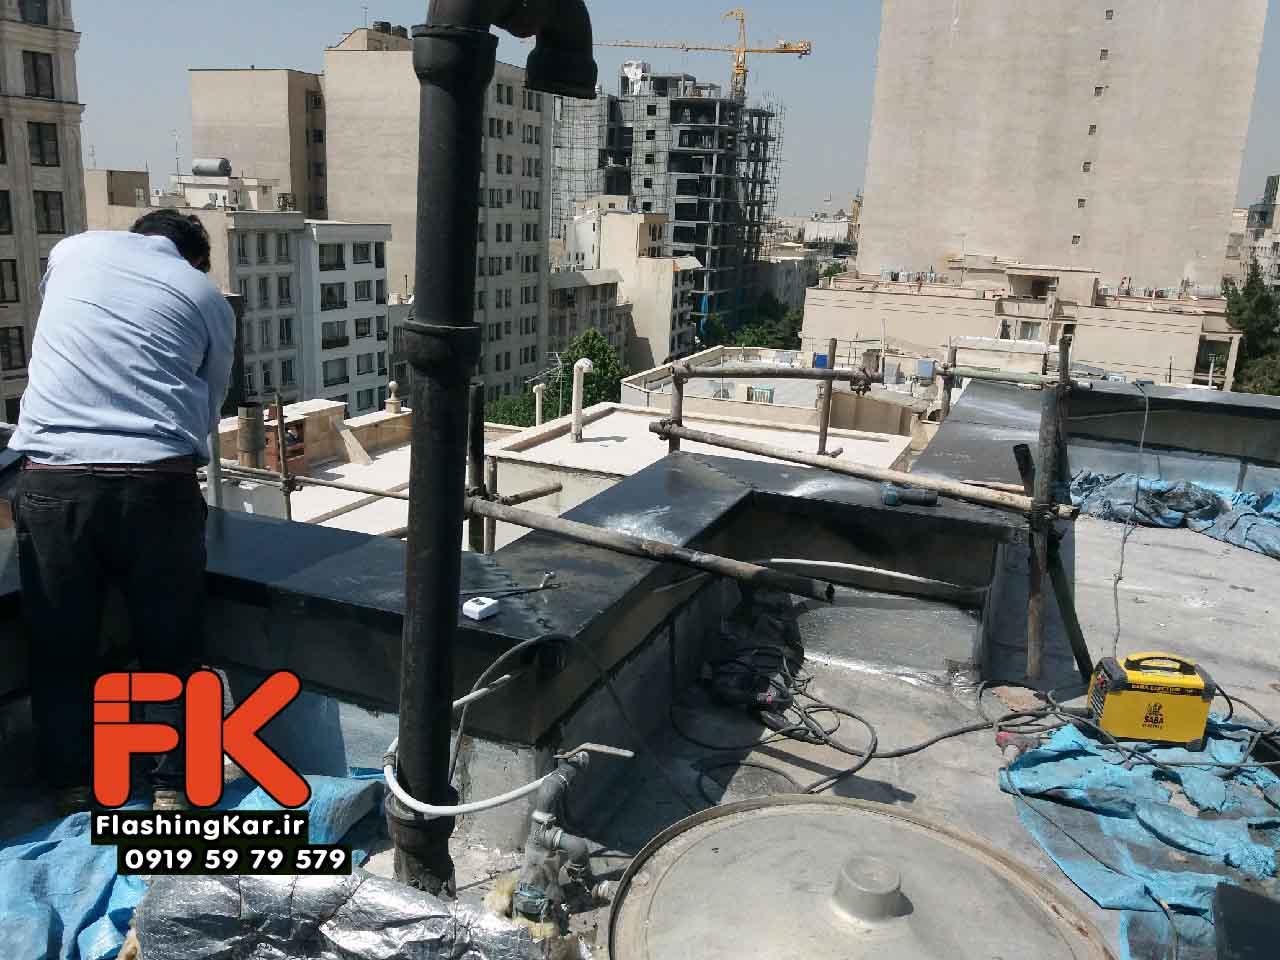 ایا میدونستید پرسنل ما بهترین کیفیت فلاشینگ ساختمان و پشت بام را انجام میدهند